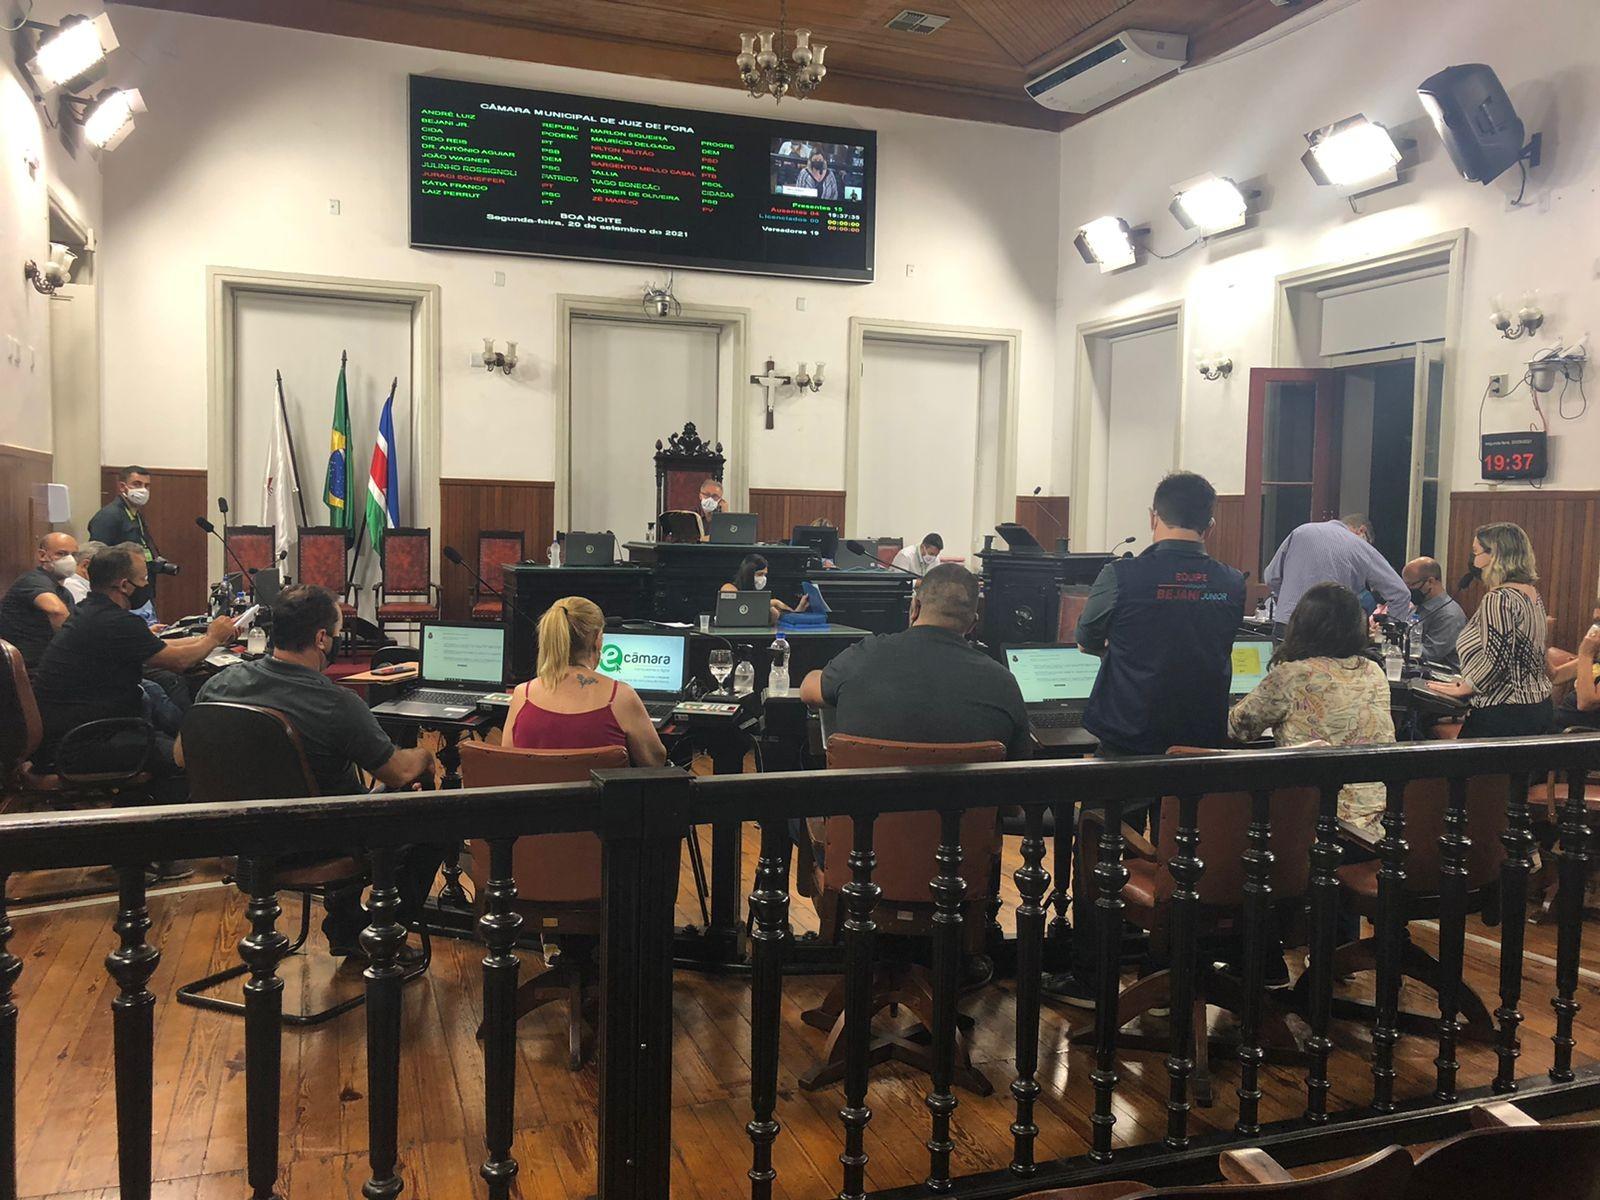 Câmara aprova em 1ª discussão a revogação do artigo 9º, sobre os salários dos professores em Juiz de Fora